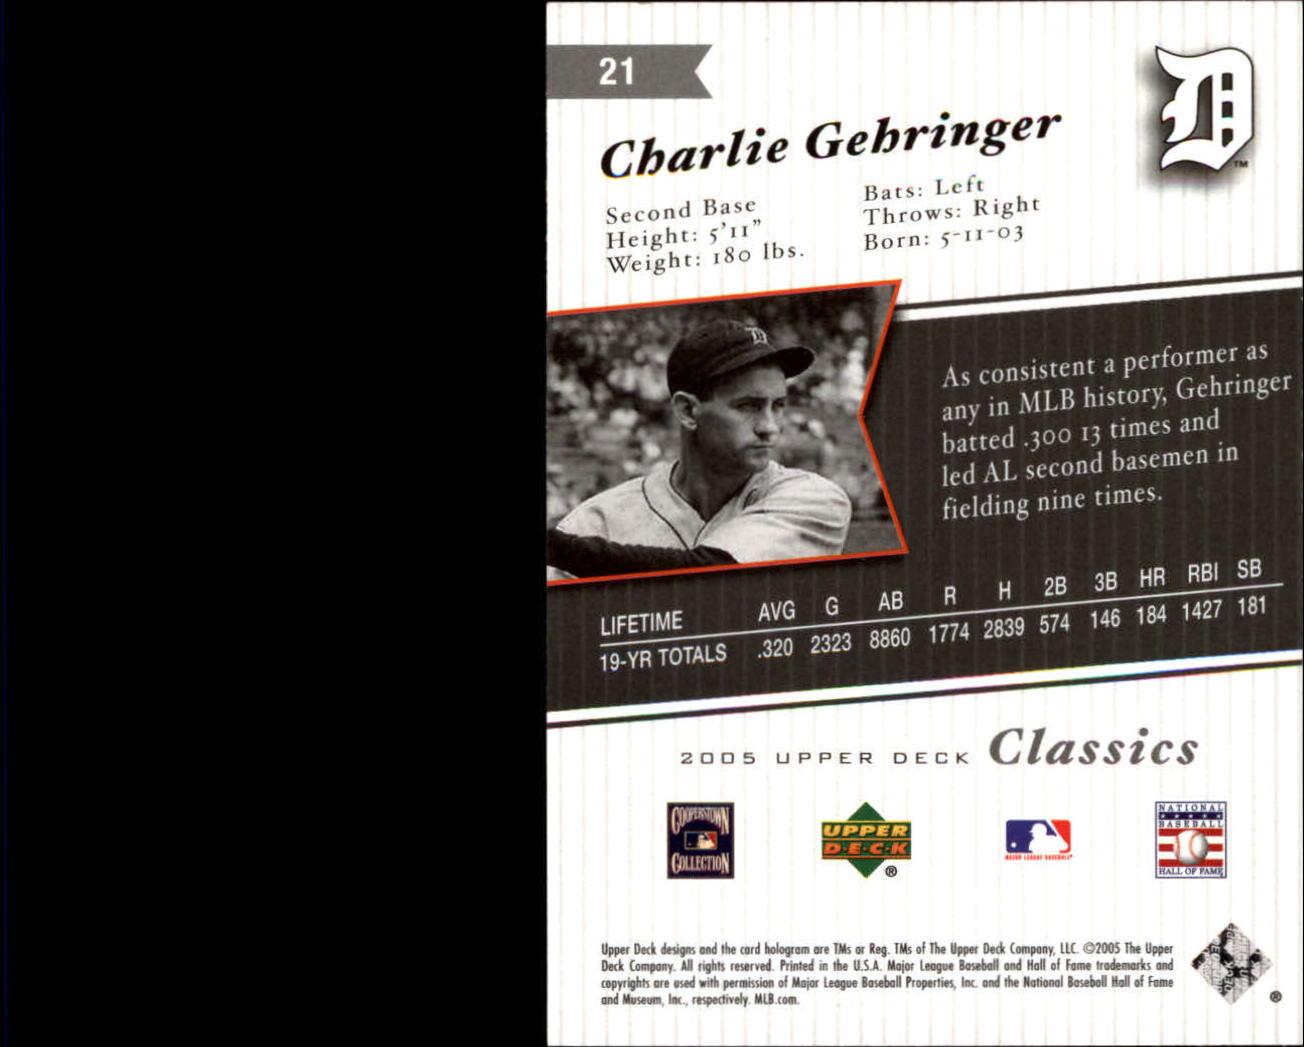 2005 Upper Deck Classics #21 Charlie Gehringer back image